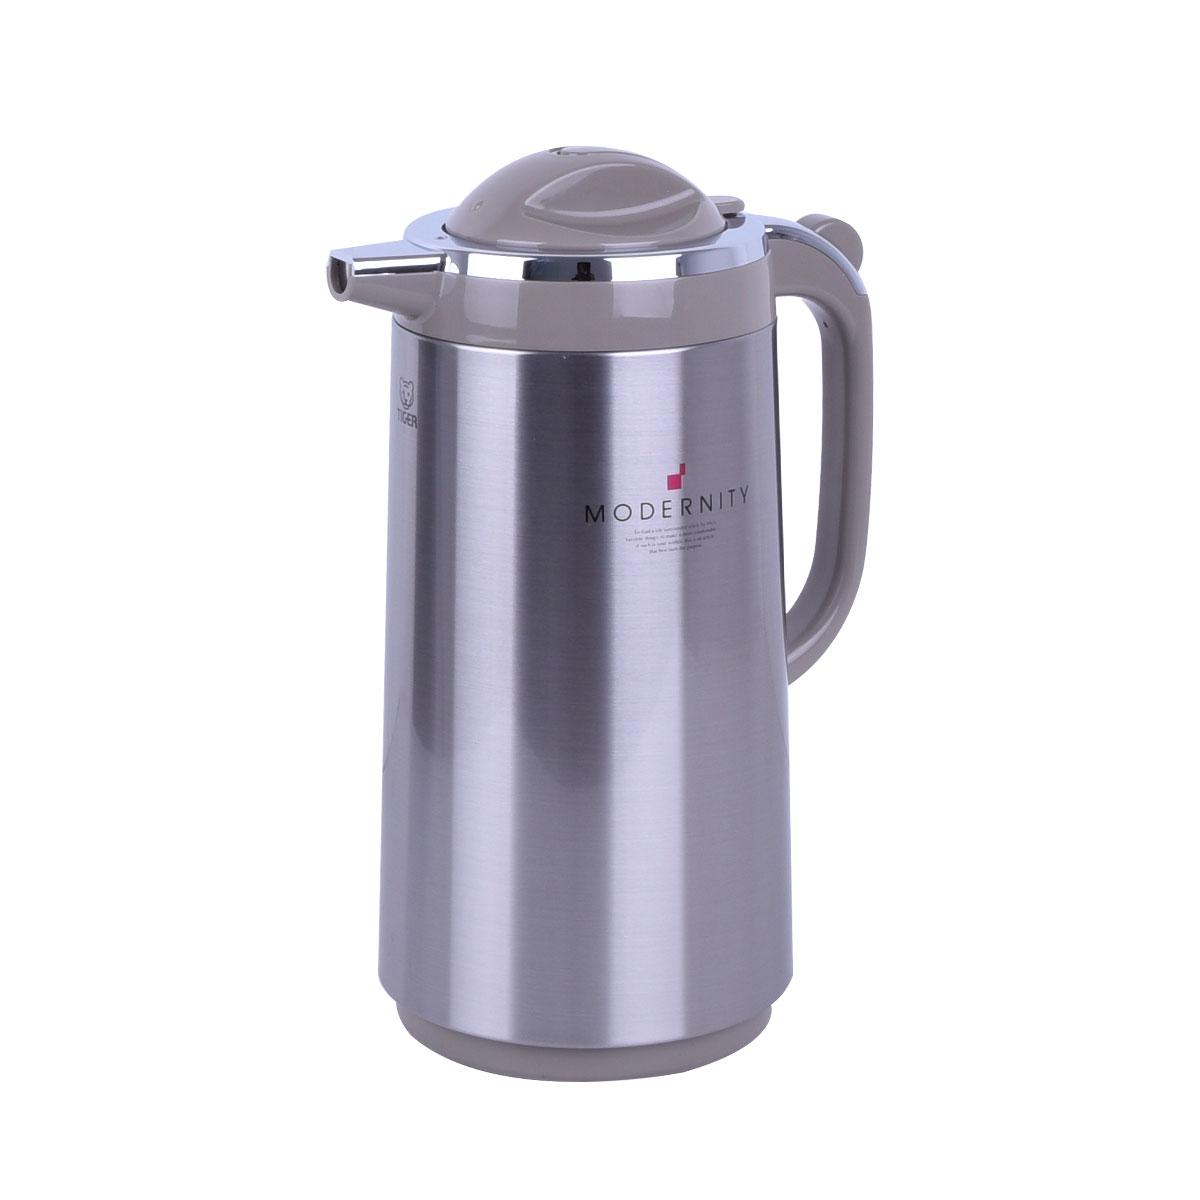 ترمس شاي وقهوه تايجر اليابانية - استانلس استيل -1.59 لتر - PRT-S160